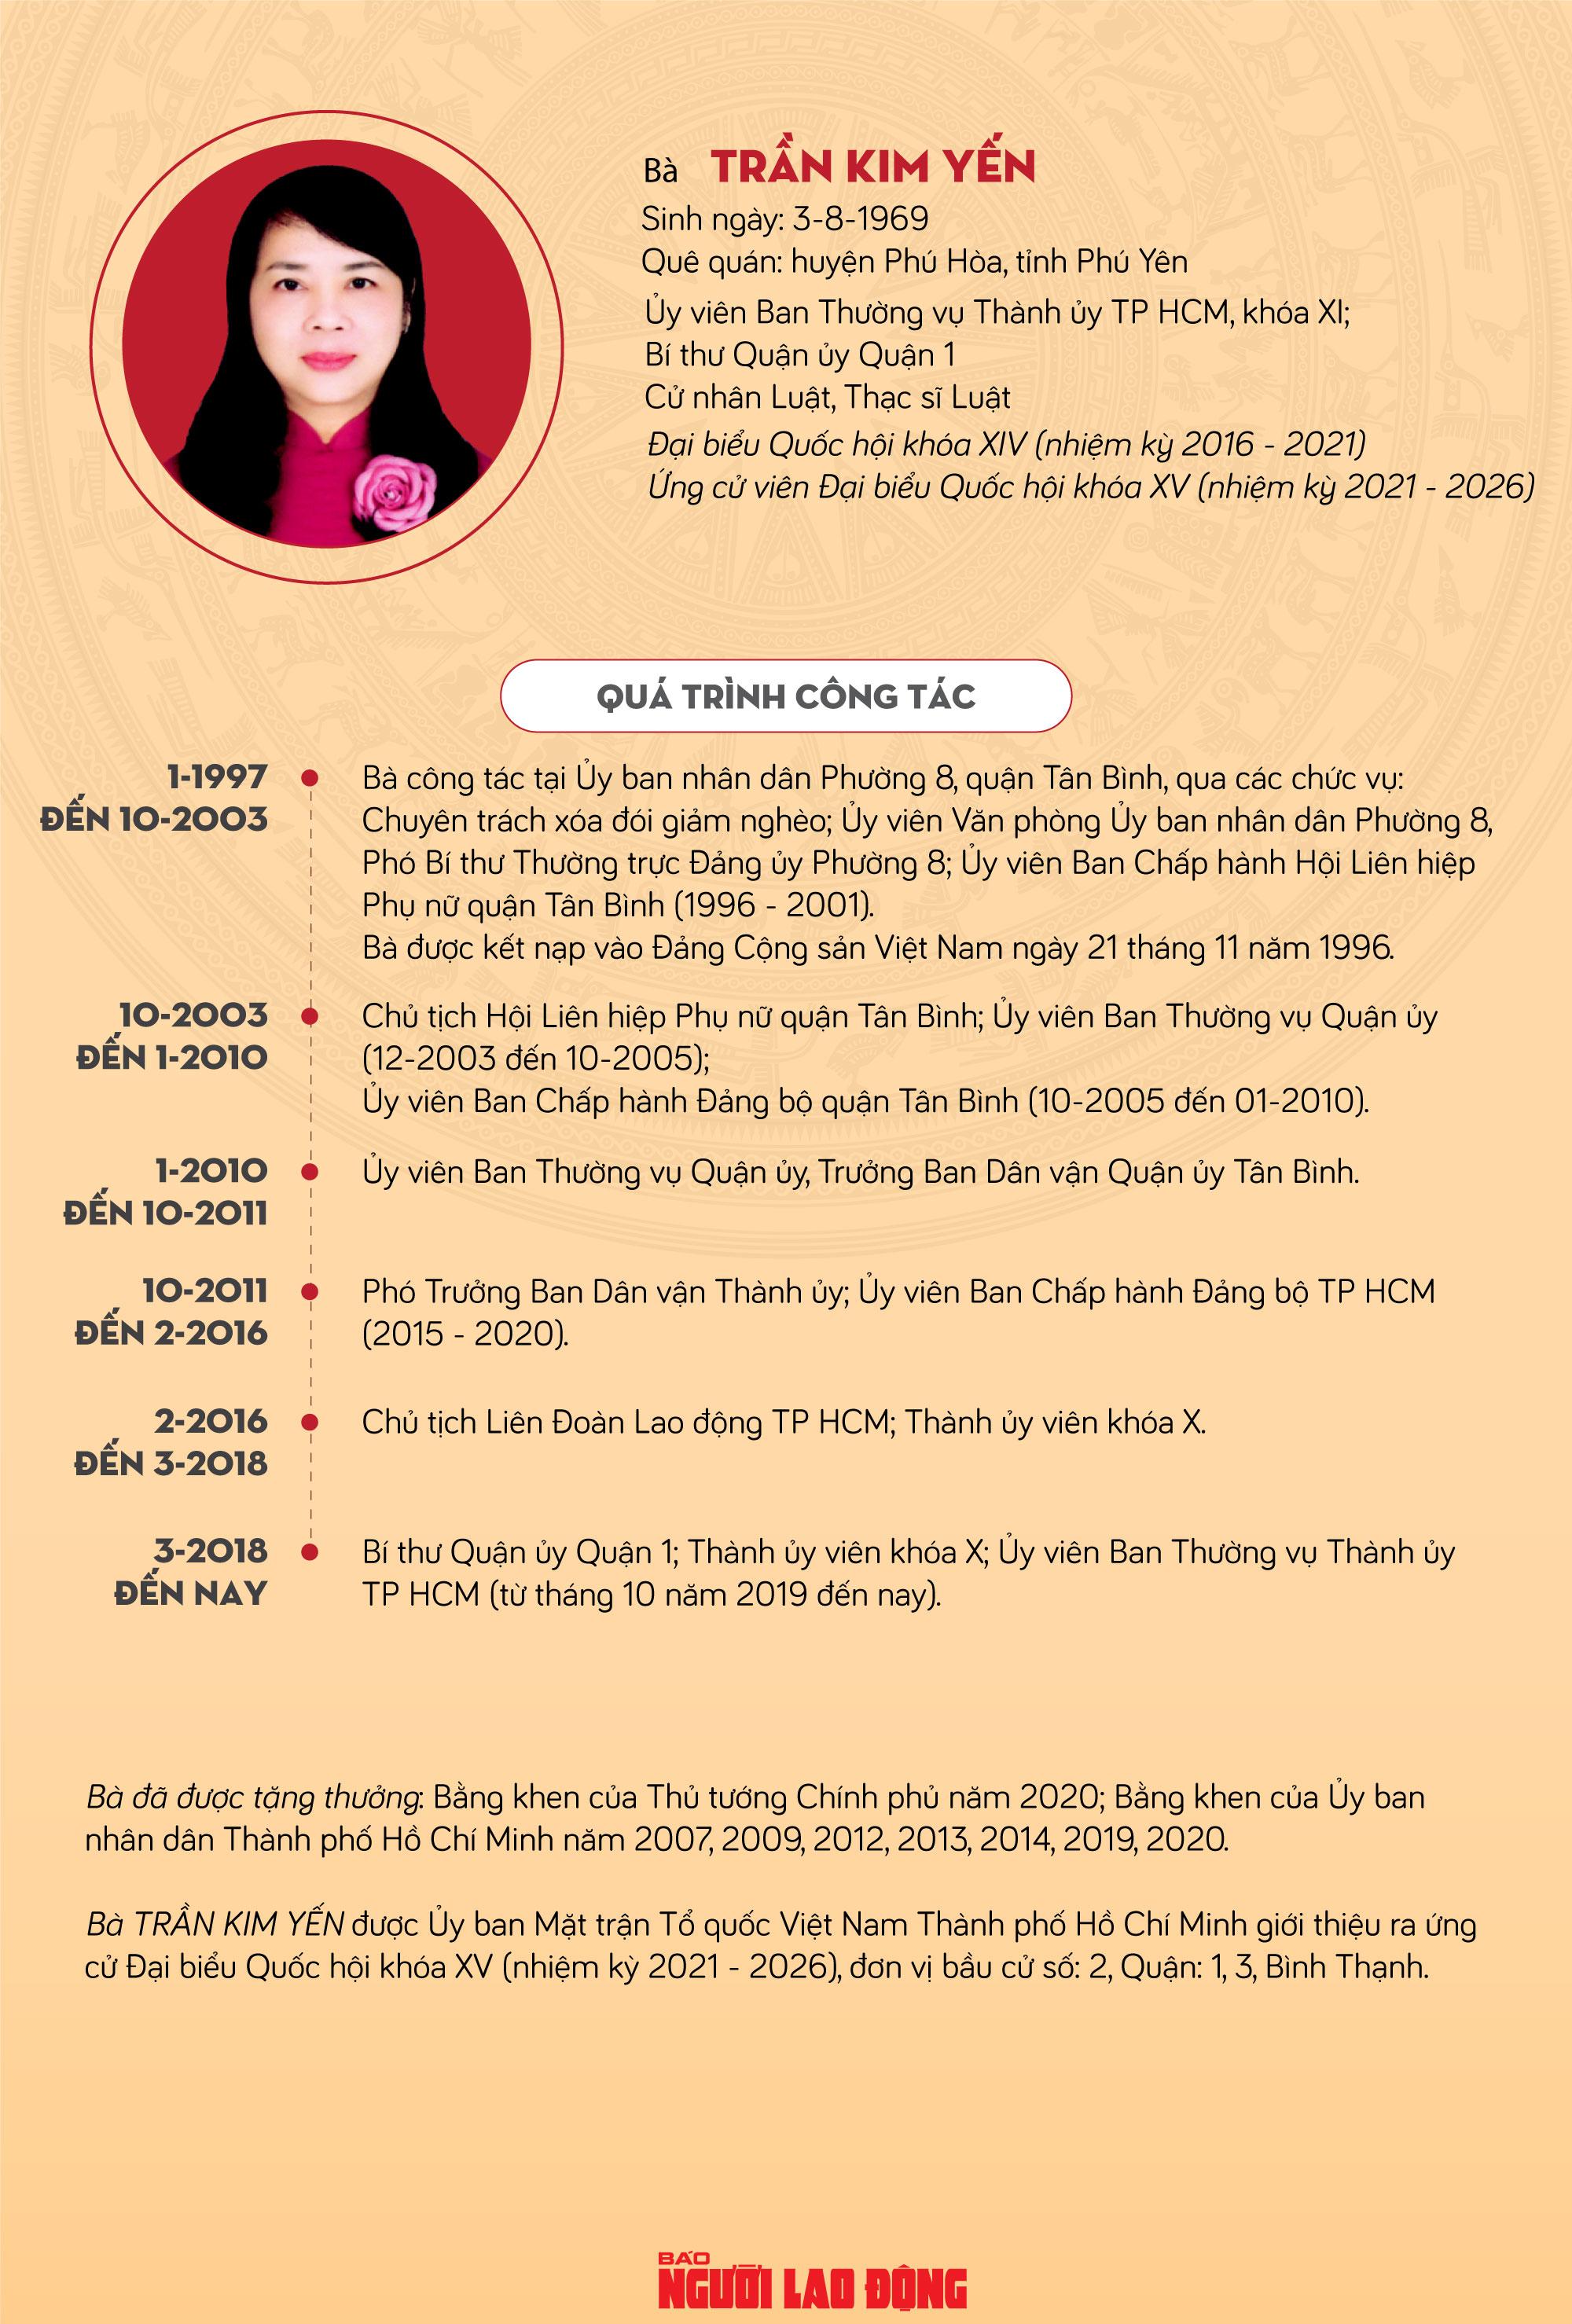 Bà Trần Kim Yến: Dành nhiều thời gian, công sức để thực hiện các nội dung cử tri quan tâm - Ảnh 1.